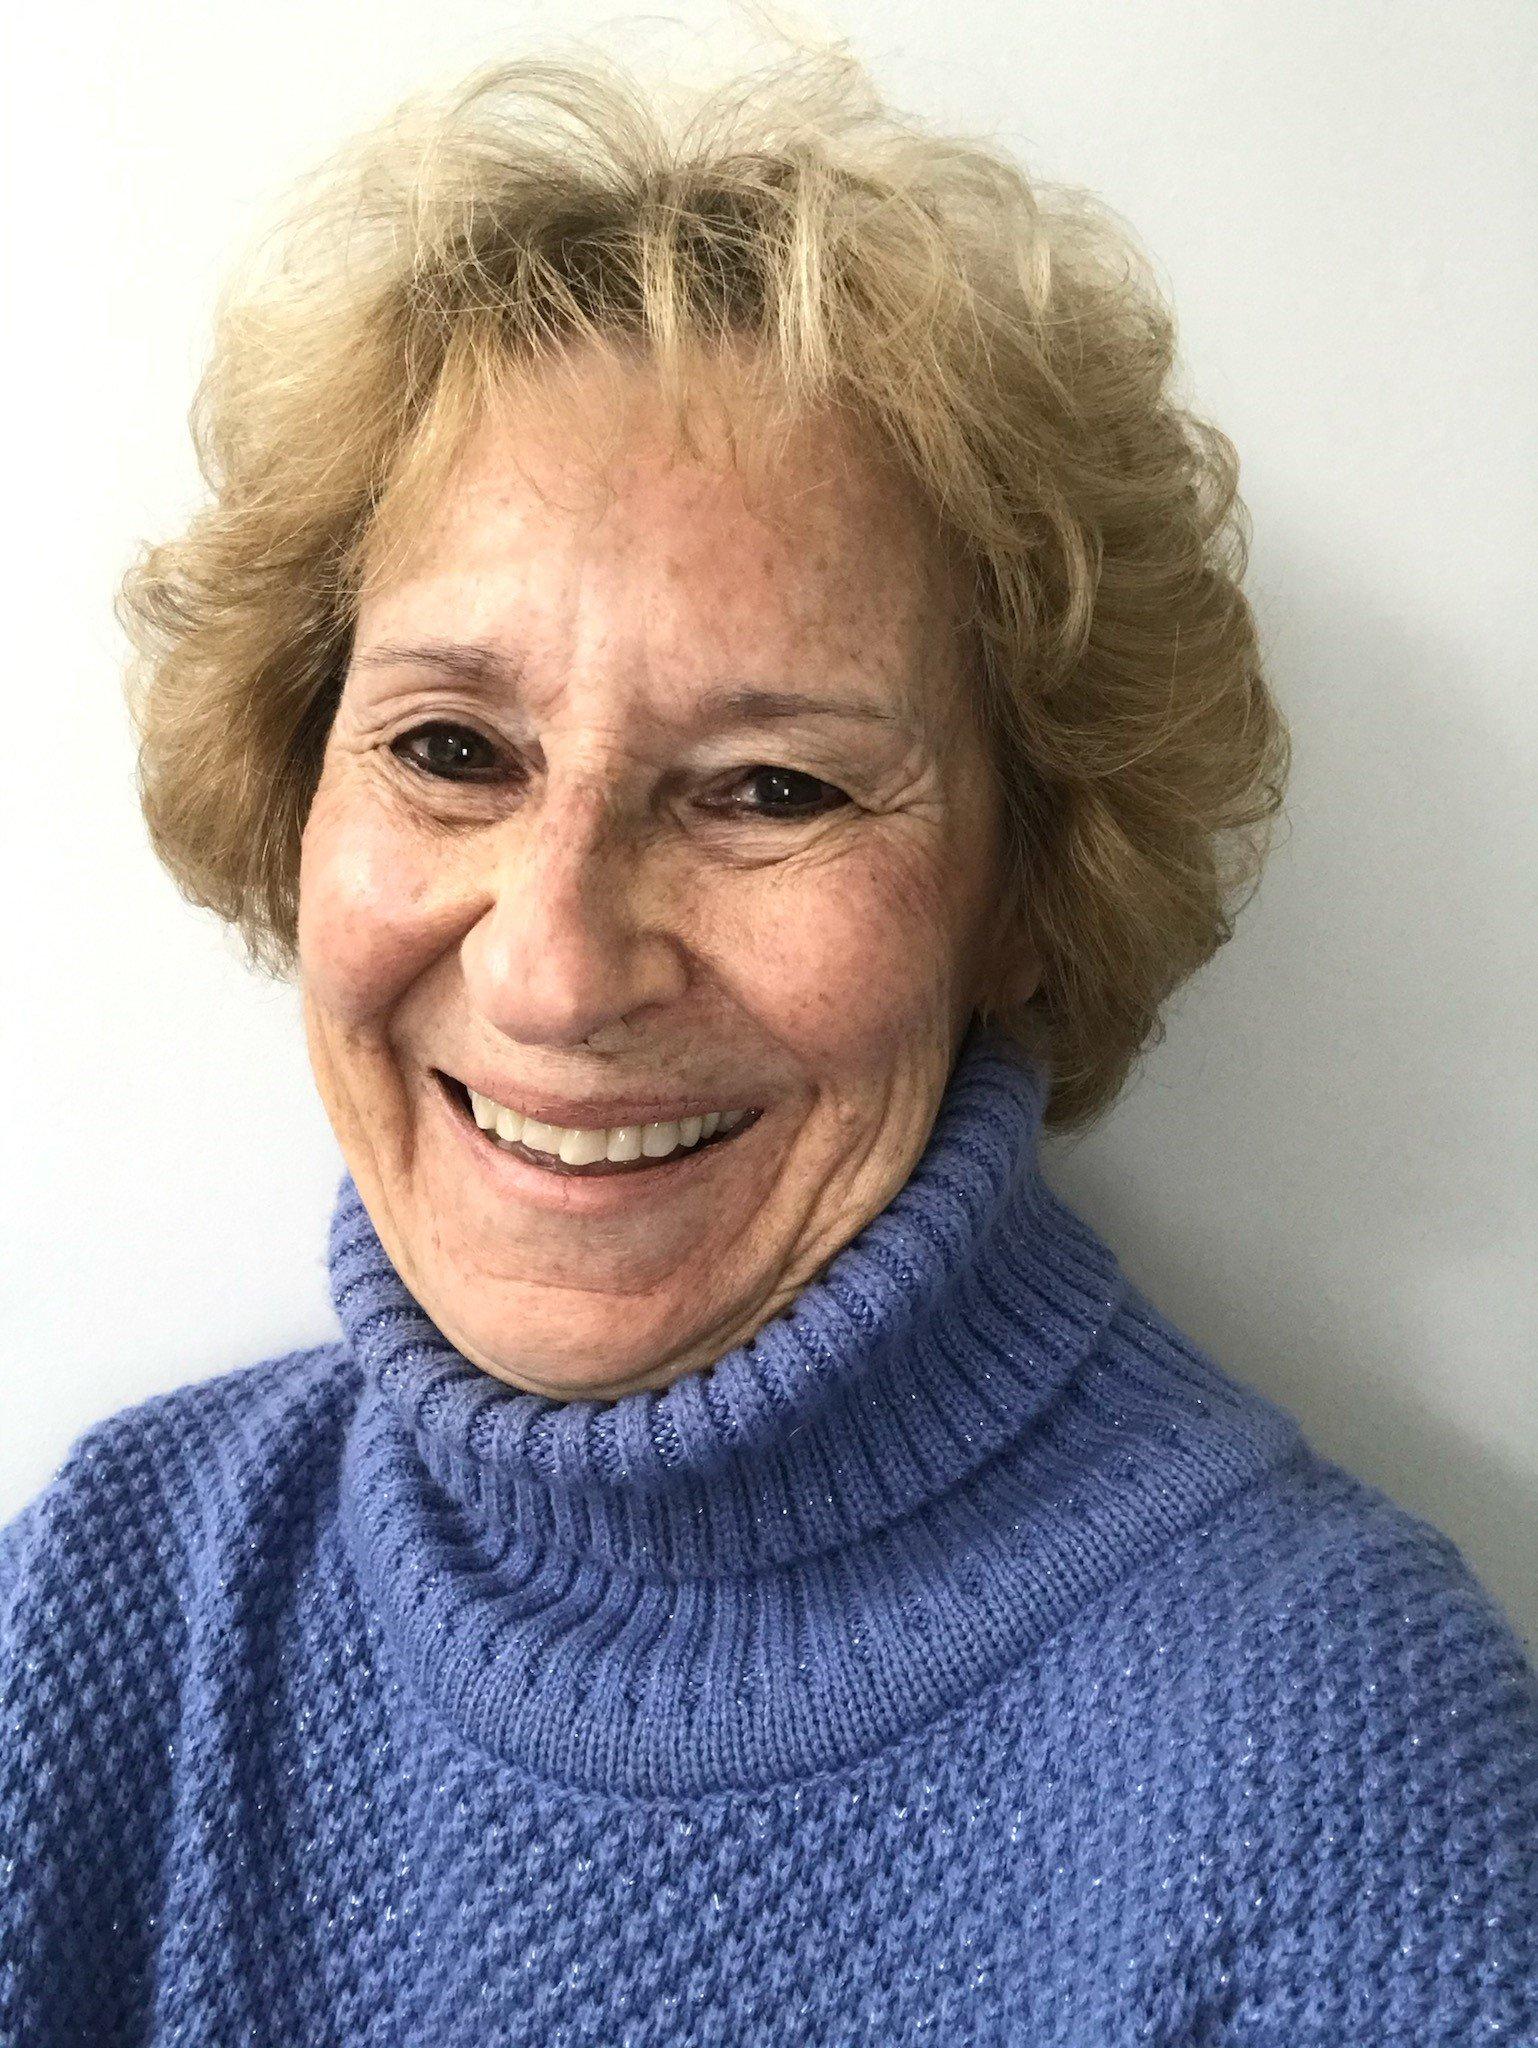 Elaine Schneiderman